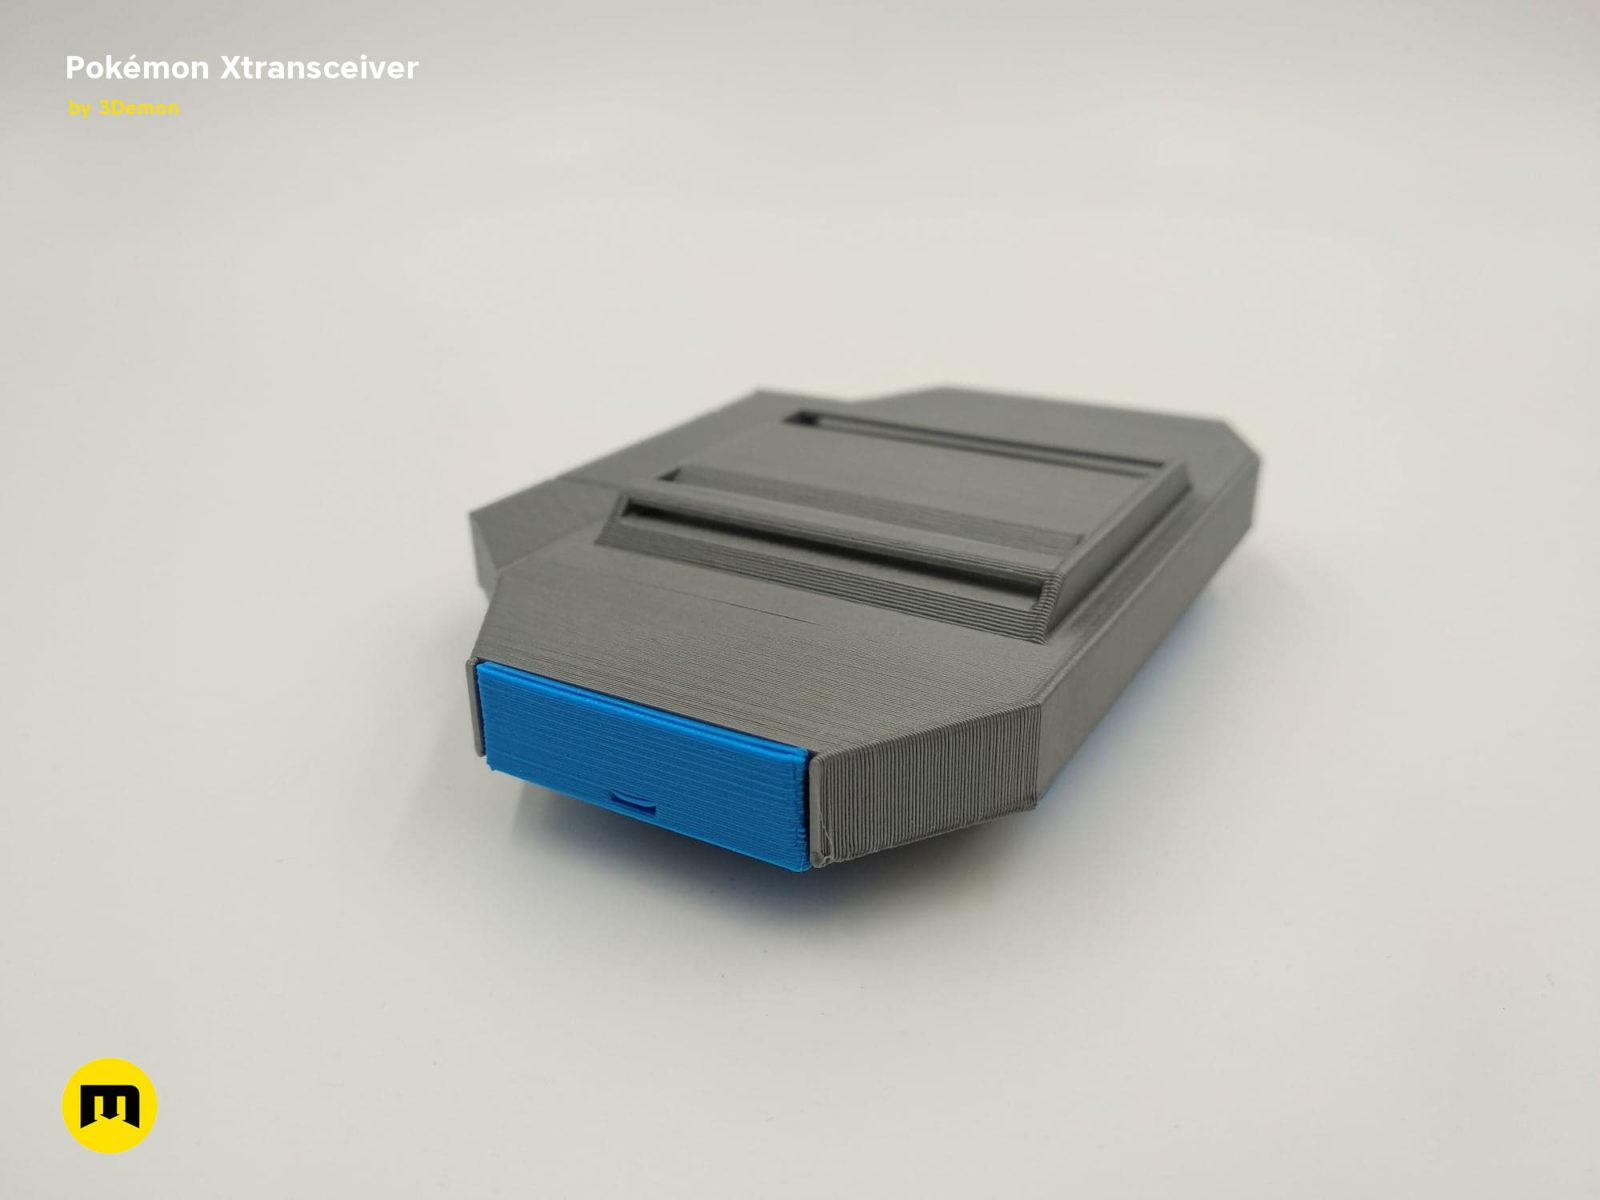 36331338_236334860490581_4708808461784186880_n – 3Demon – 3D print